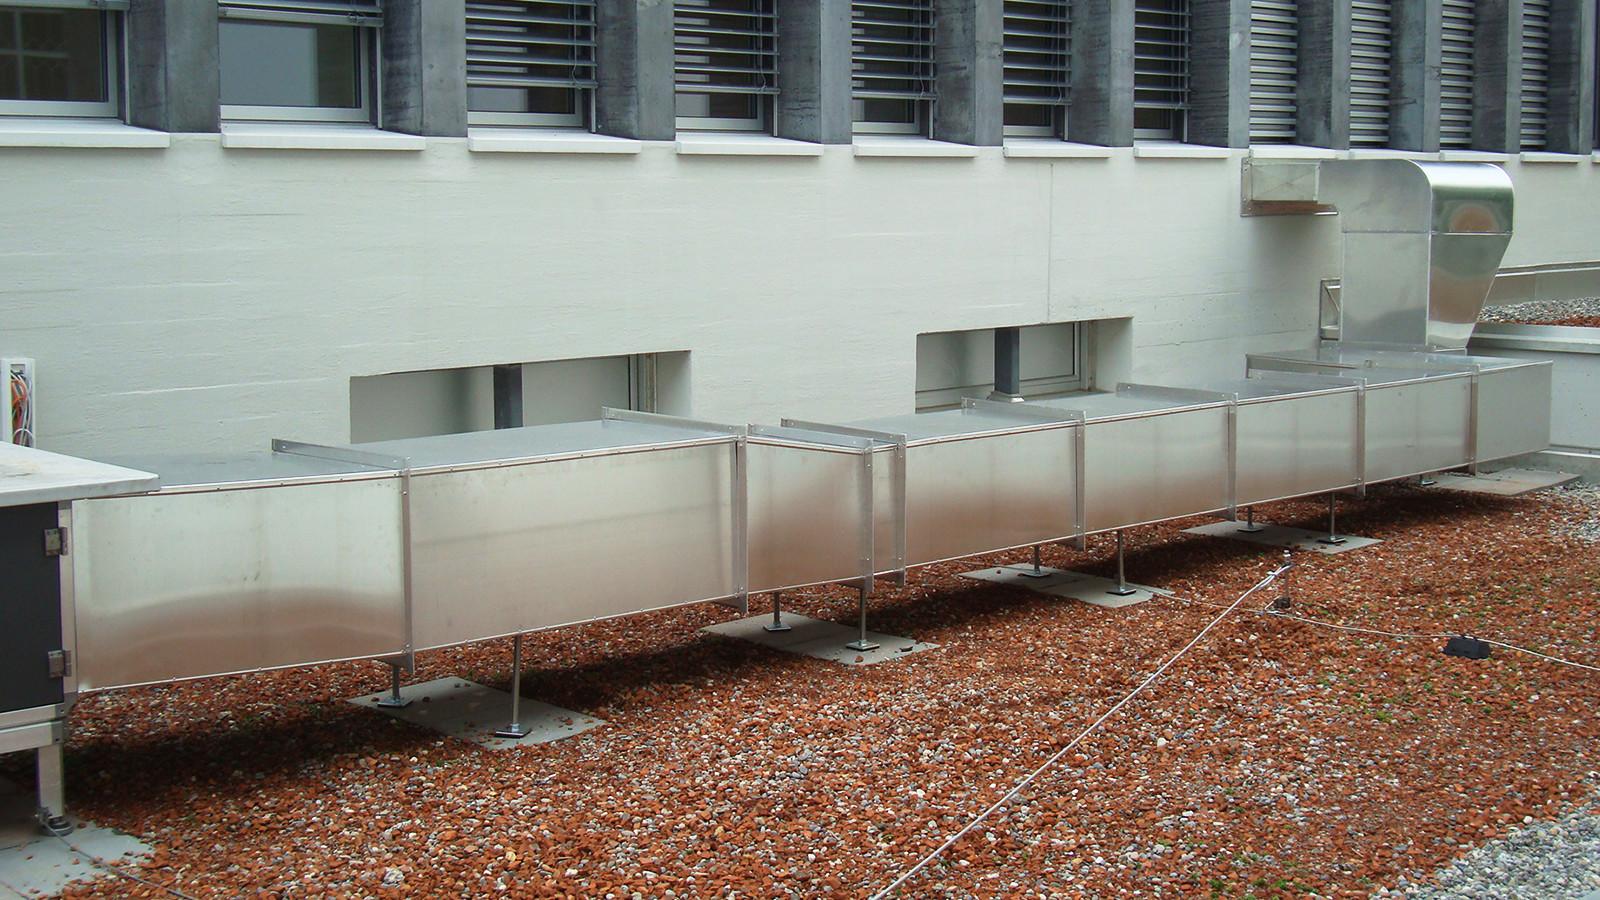 Lüftungs- und Klimaanlage thermisch isoliert, Alu glatt